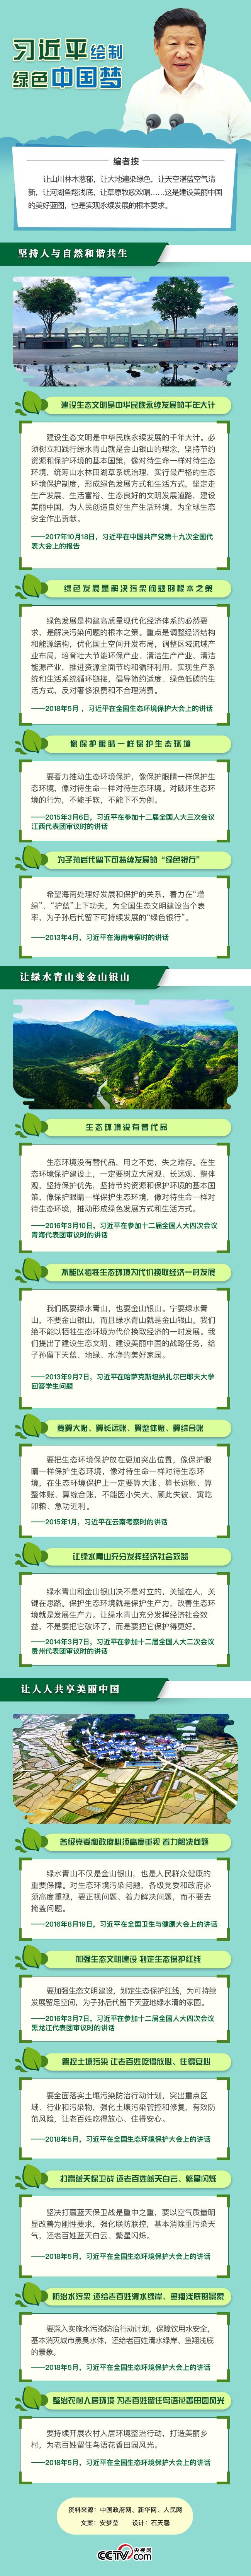 习近平绘制绿色中国梦